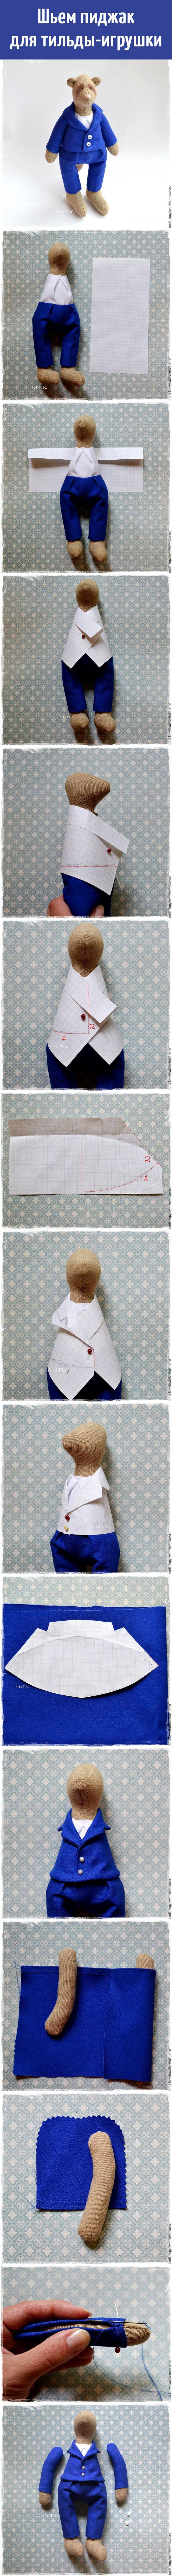 Учимся шить одежду для текстильных игрушек макетным методом